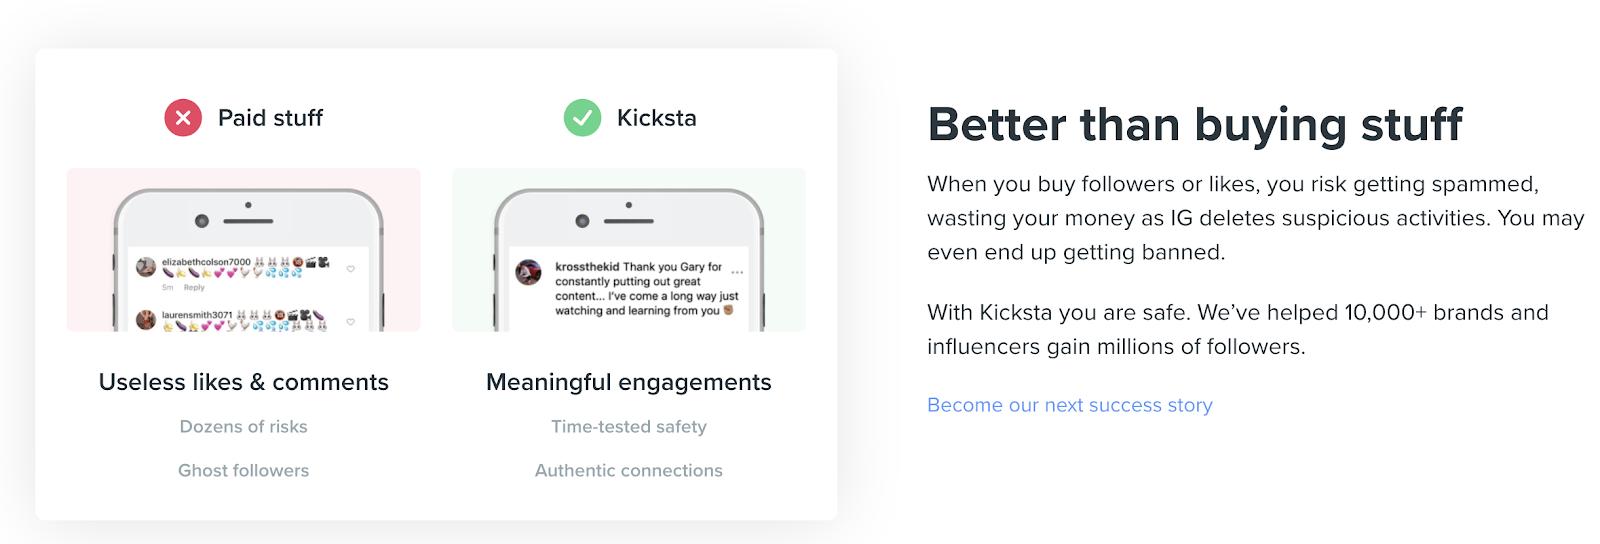 Kicksta for follower growth